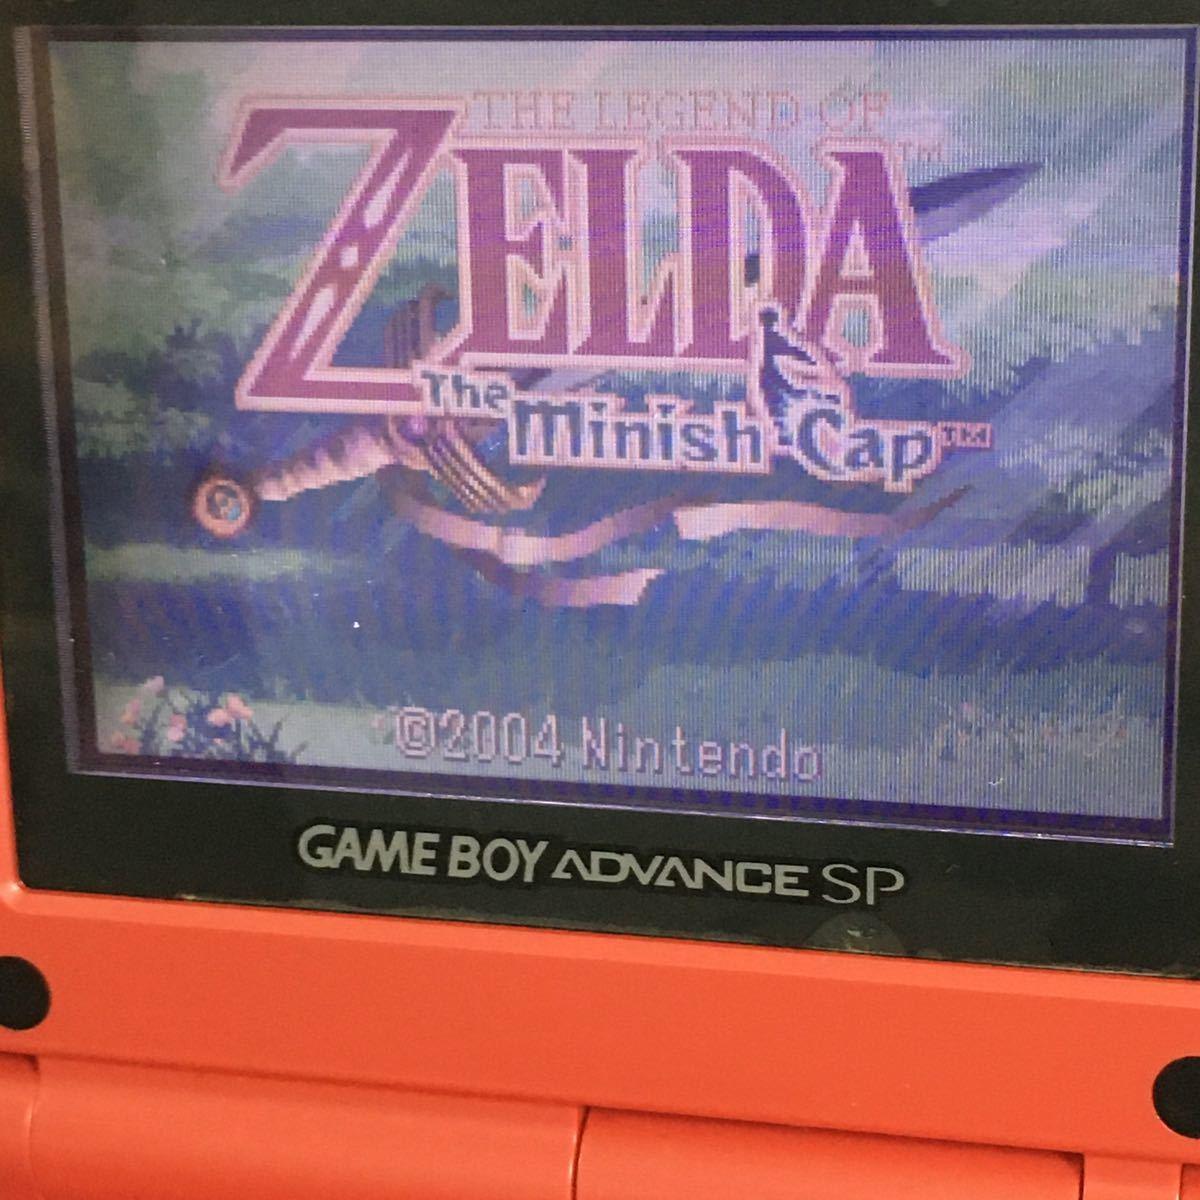 ゲームボーイアドバンス ゼルダの伝説ふしぎのぼうし THE LEGEND OF ZELDA The minish Cap 欧州版